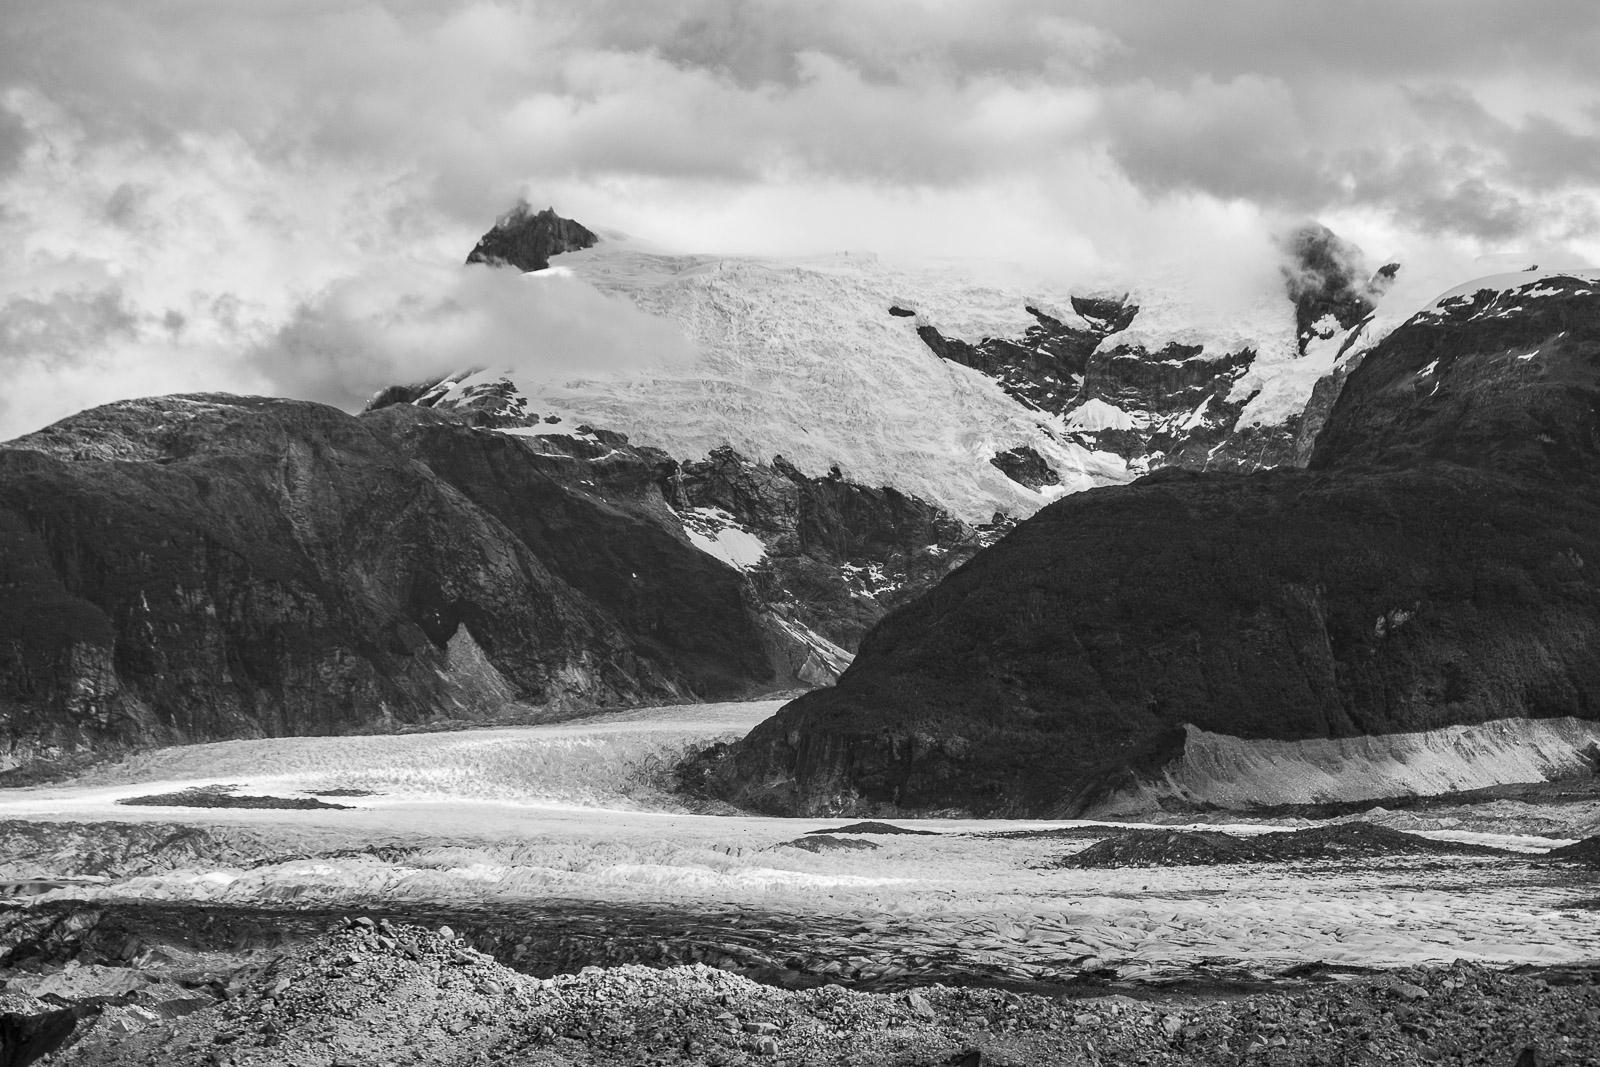 Ladera noreste del Monte San Valentín, en la región de Aysén del General Carlos Ibáñez del C ampo,Chile - Aysén - Eduardo Cerda. Fotografías de Aysén.Chile.